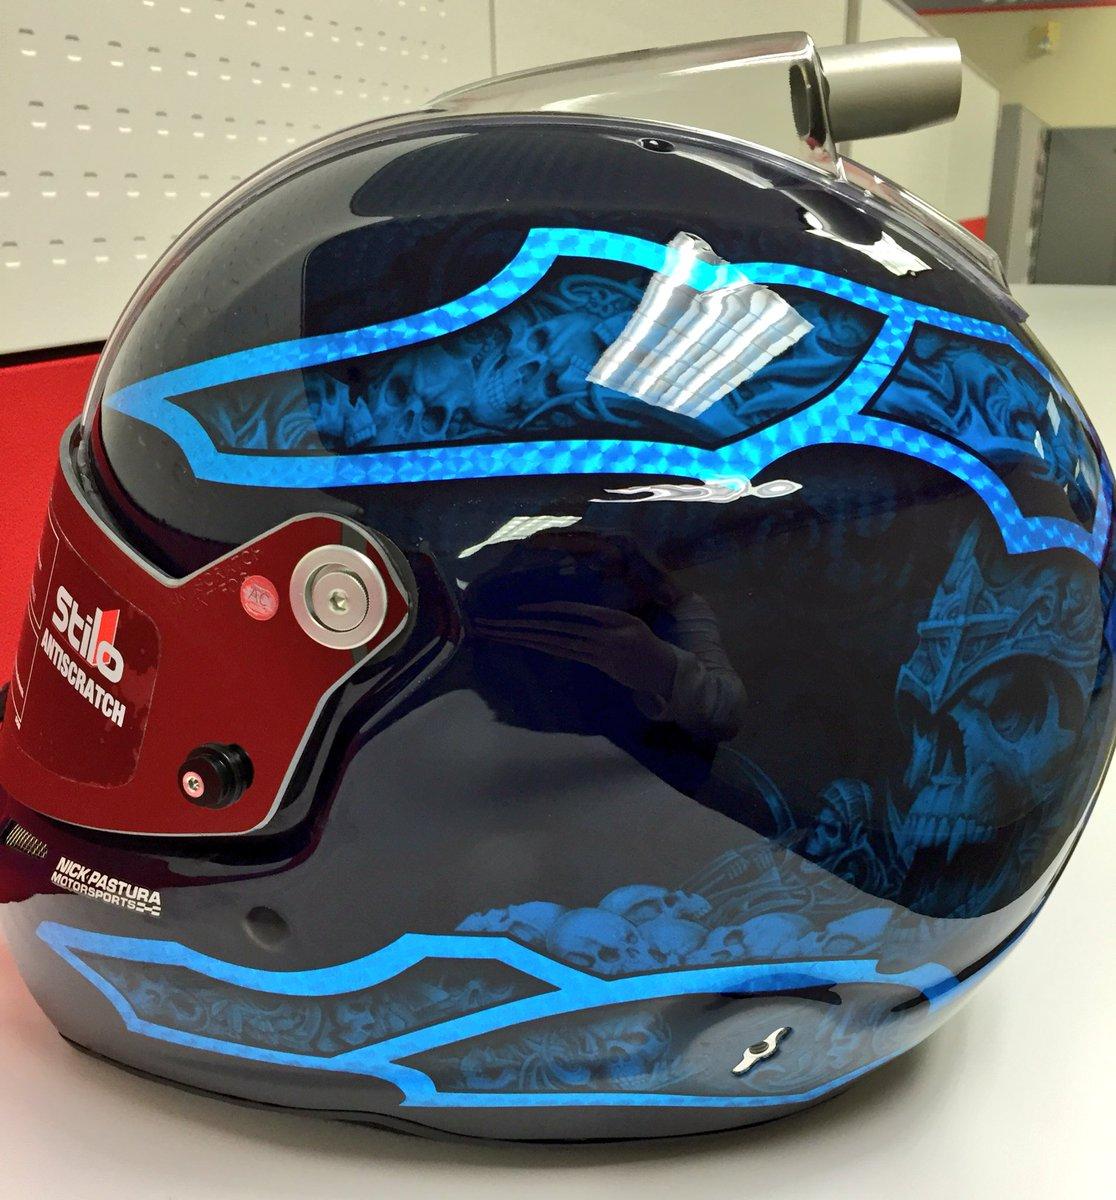 Dale Earnhardt Jr Pumped To Wear Cool New Helmet By